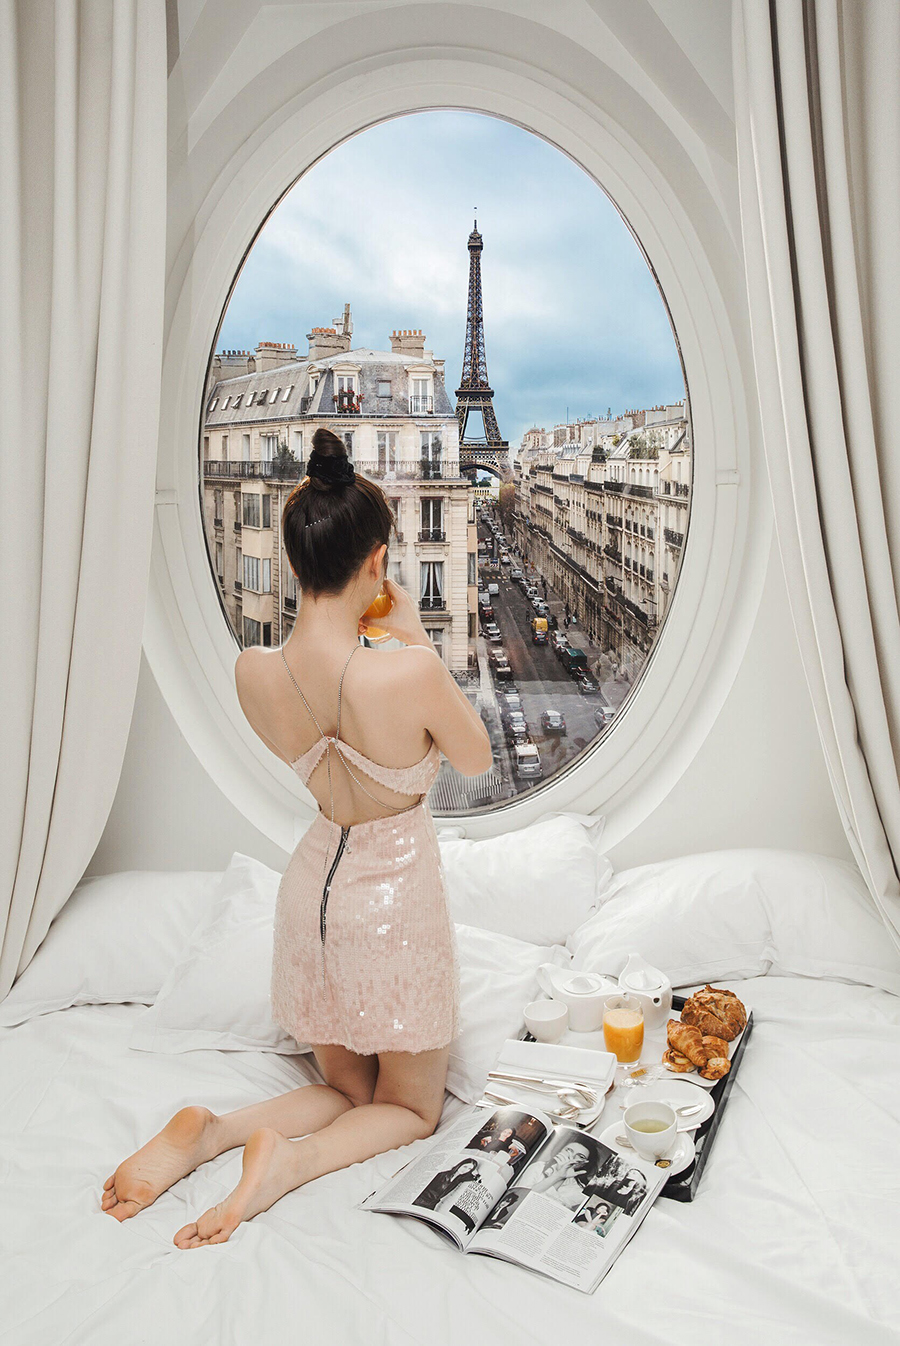 Ngọc Trinh nóng bỏng đón bình minh từ khách sạn sang chảnh bậc nhất nước Pháp 3